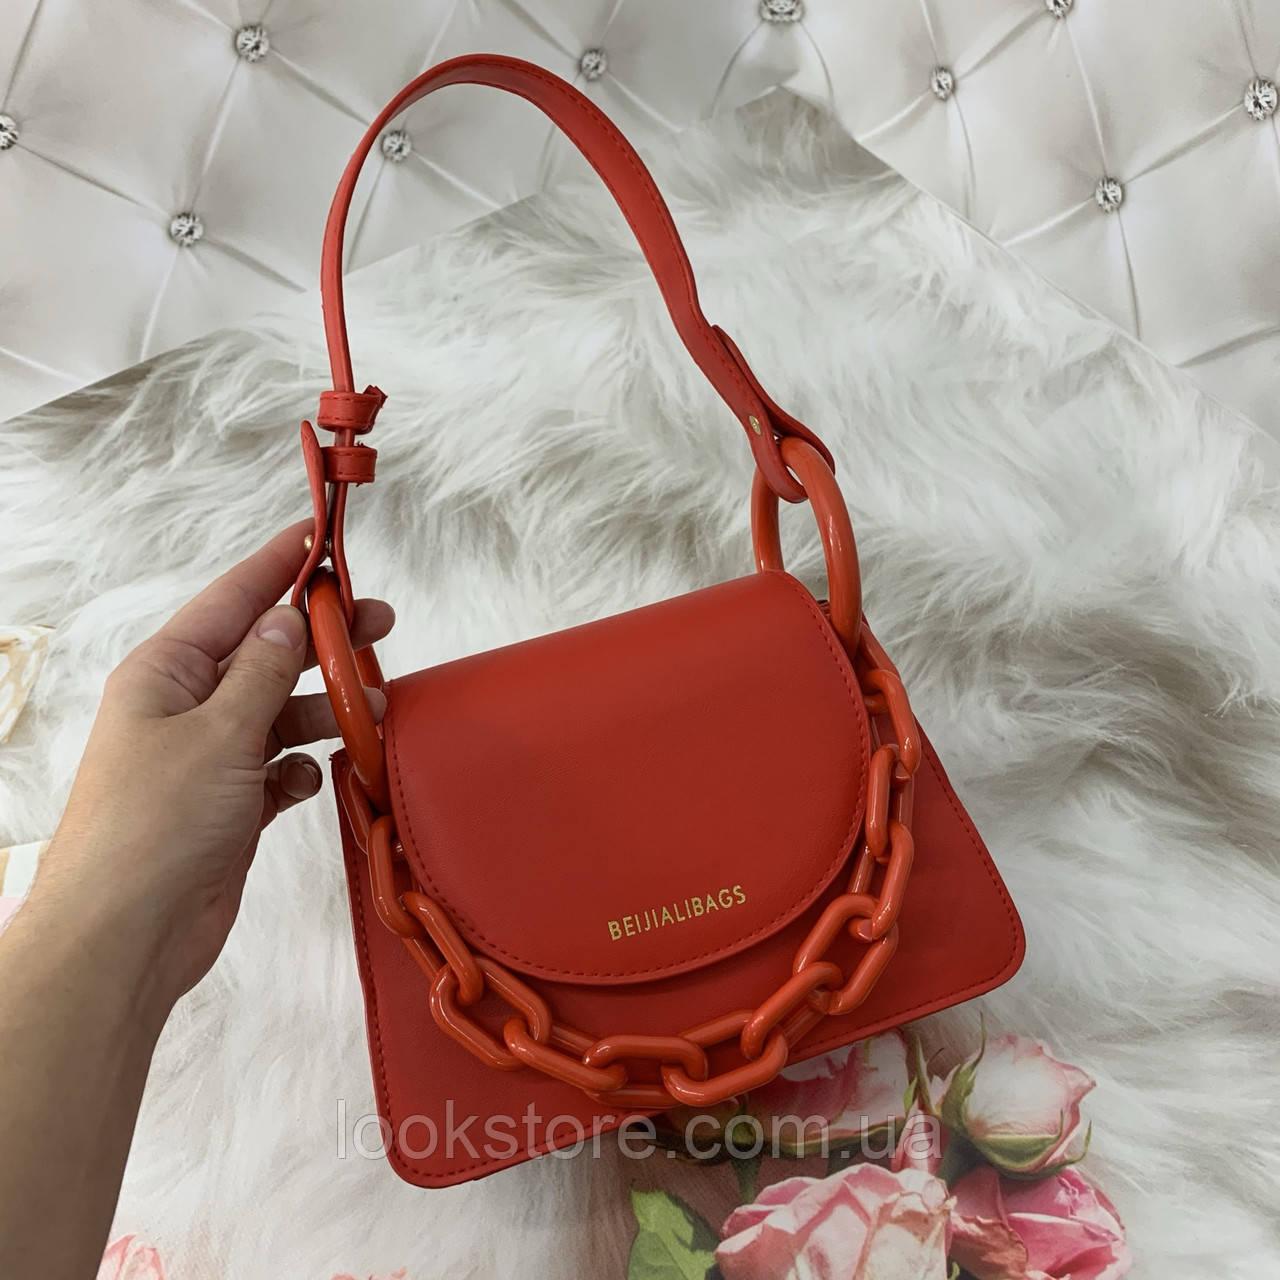 Маленькая женская сумка с толстой акриловой цепью BEIJIALIBAGS красная